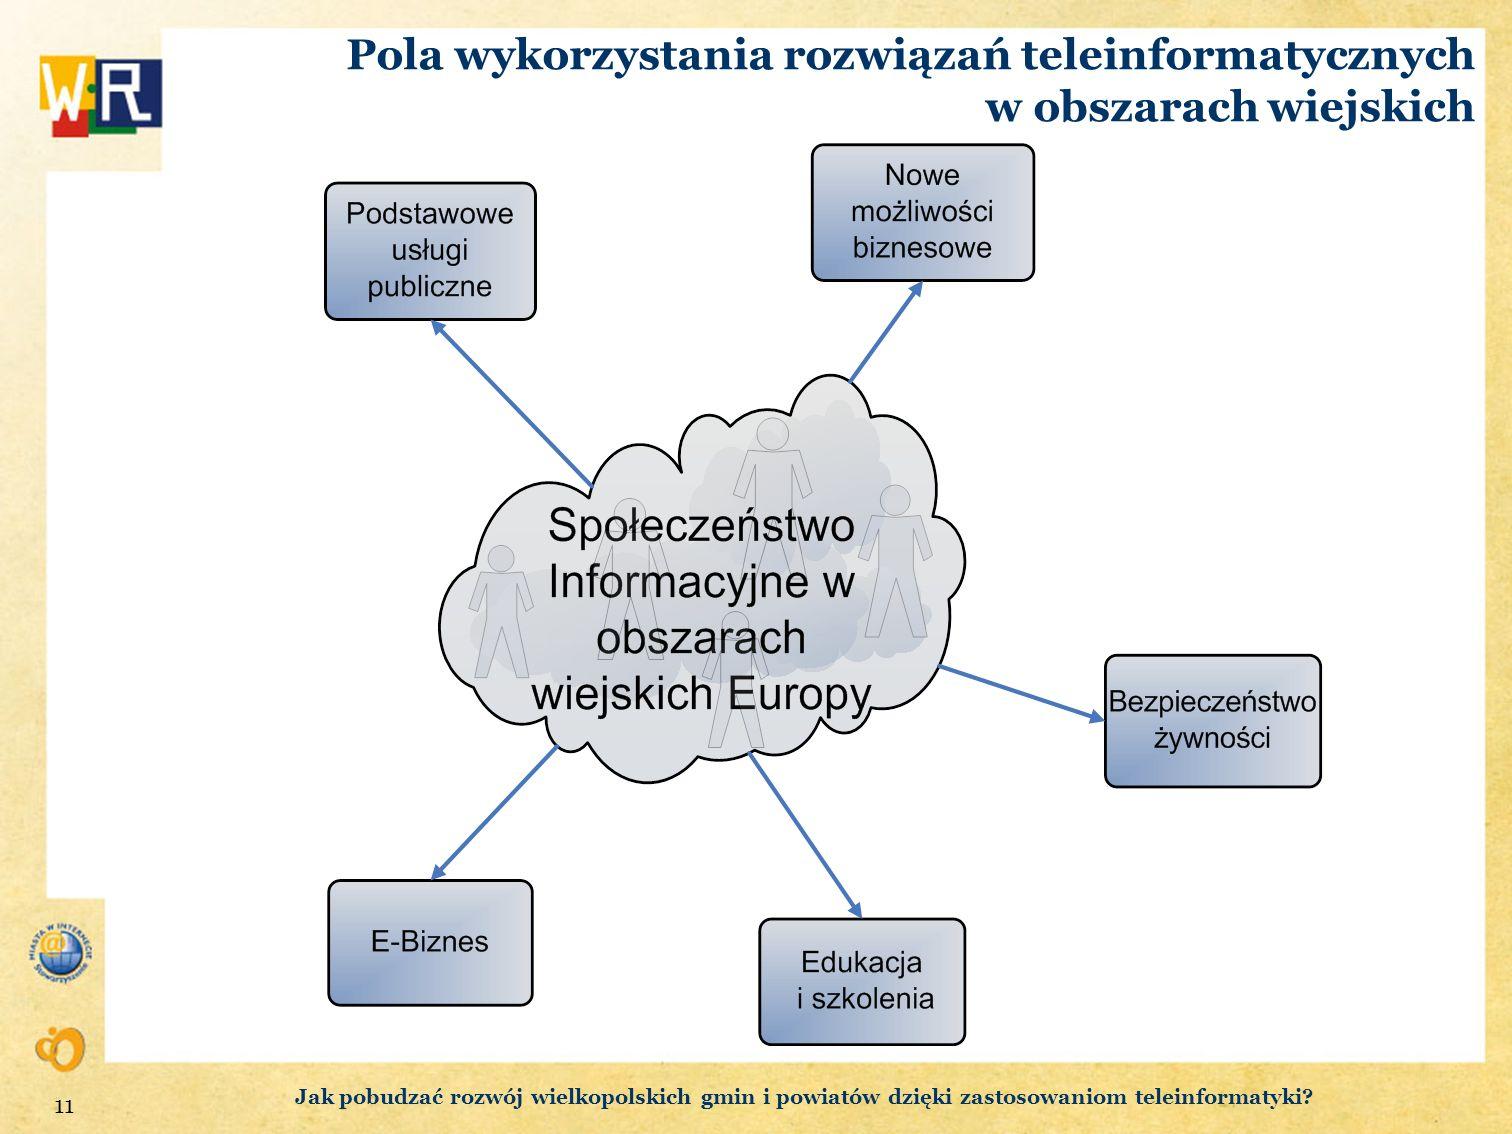 Pola wykorzystania rozwiązań teleinformatycznych w obszarach wiejskich